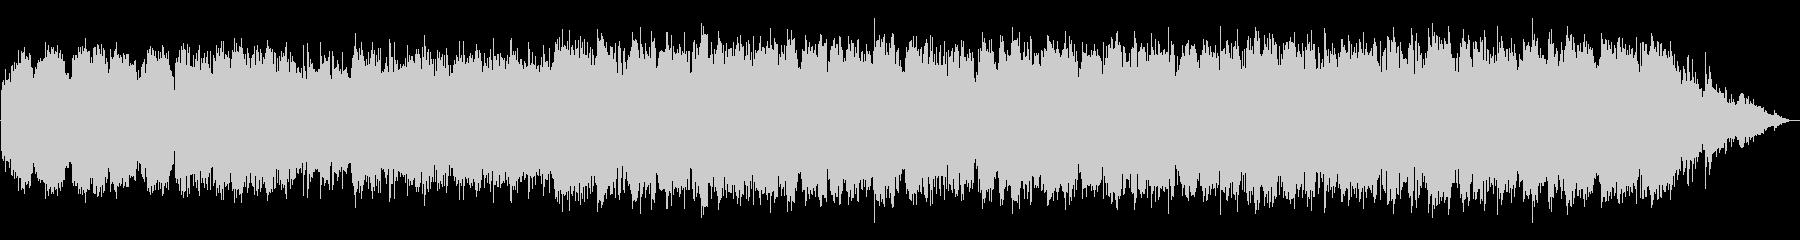 哀愁のある笛のエスニック系BGMの未再生の波形